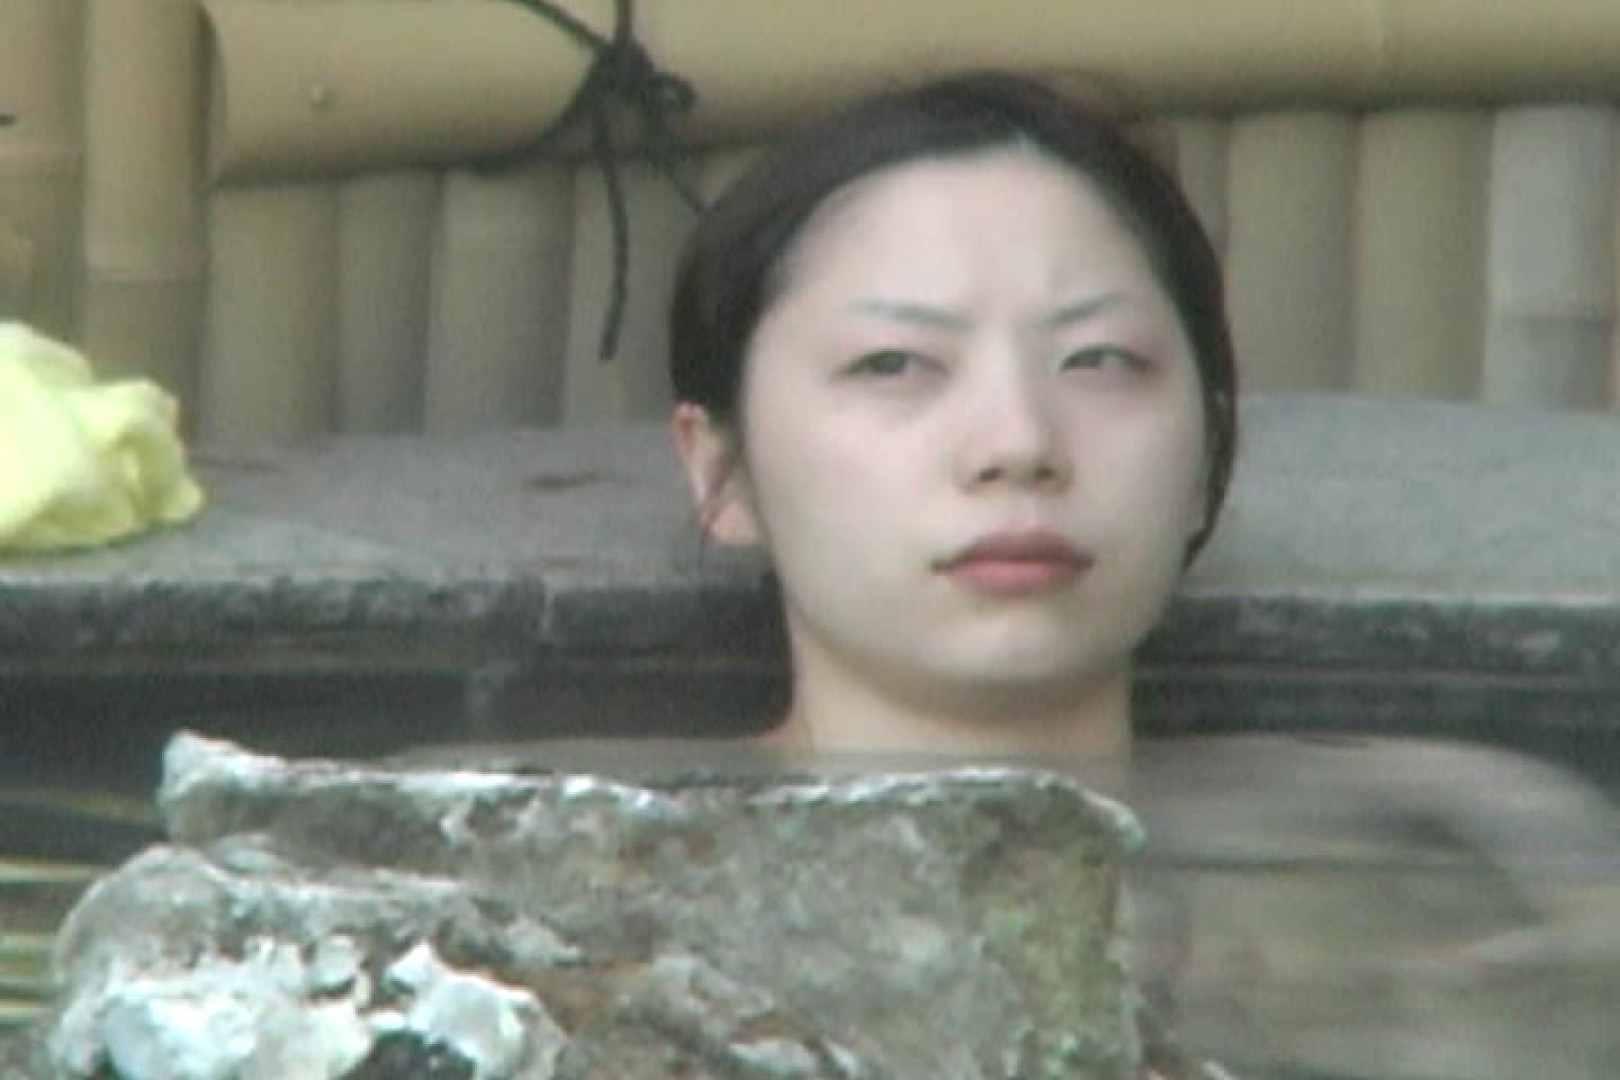 Aquaな露天風呂Vol.596 盗撮シリーズ  113PIX 62